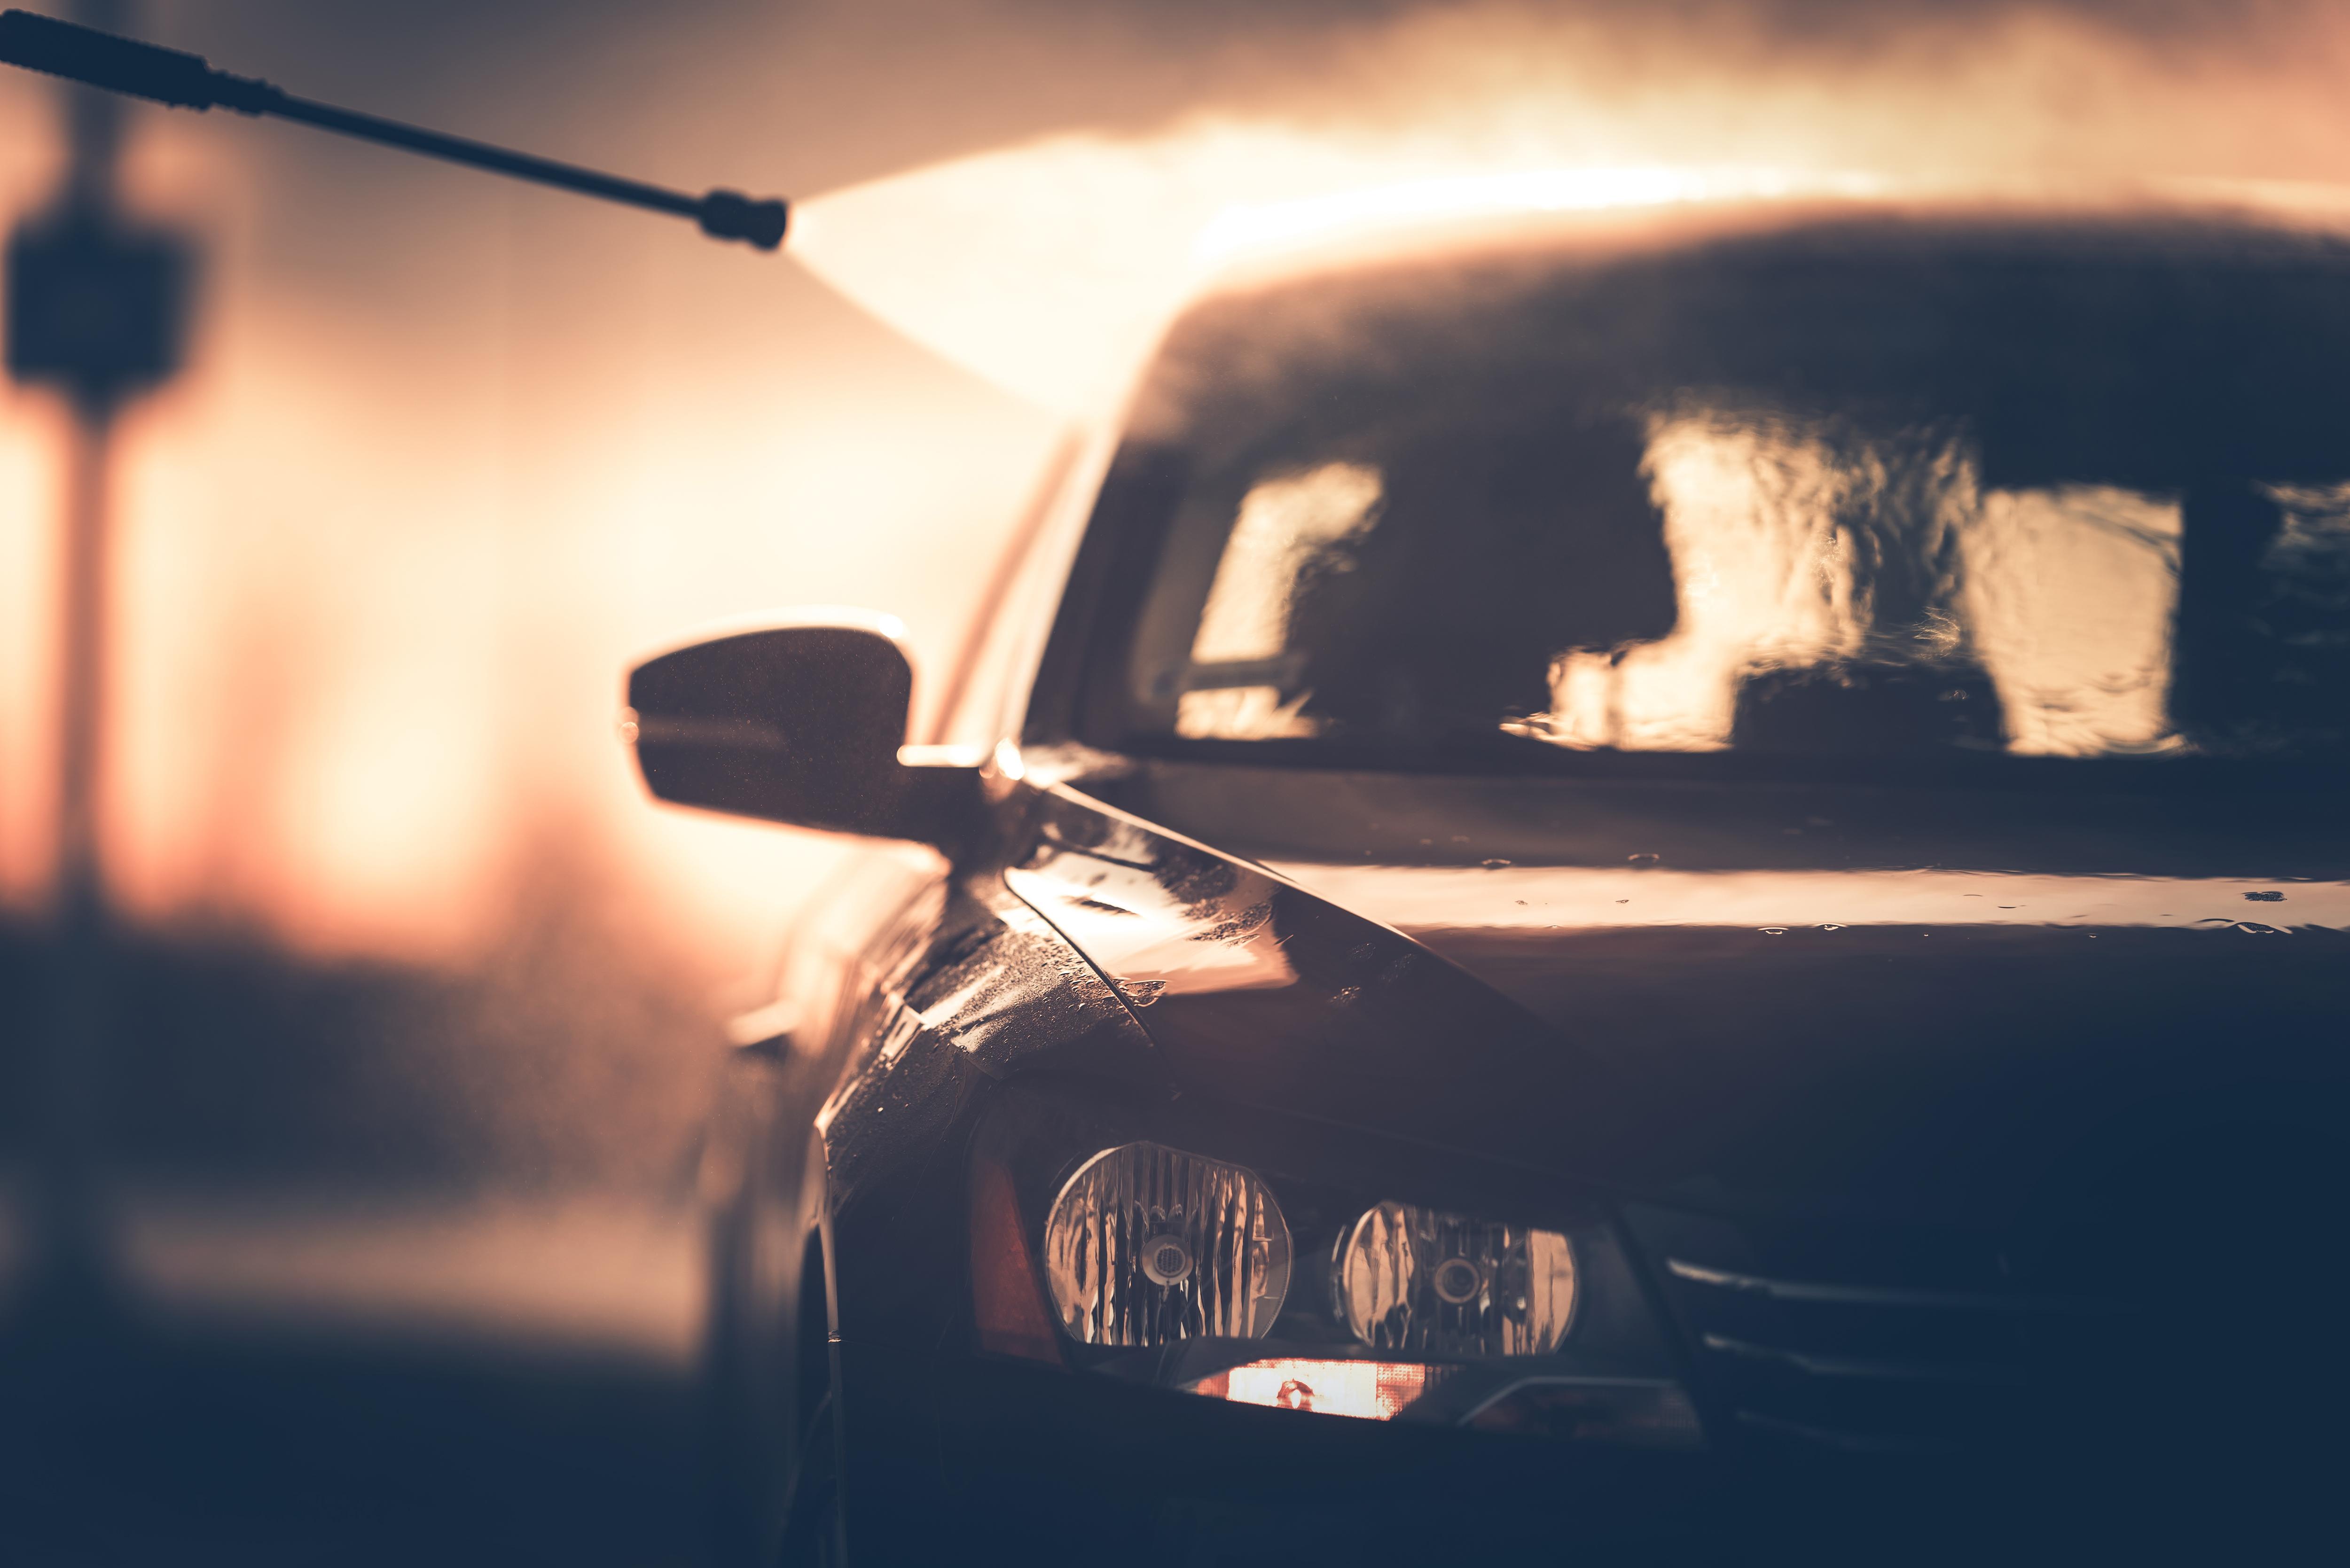 چرا باید خودروی خود را بشوییم؟ | بخش اول